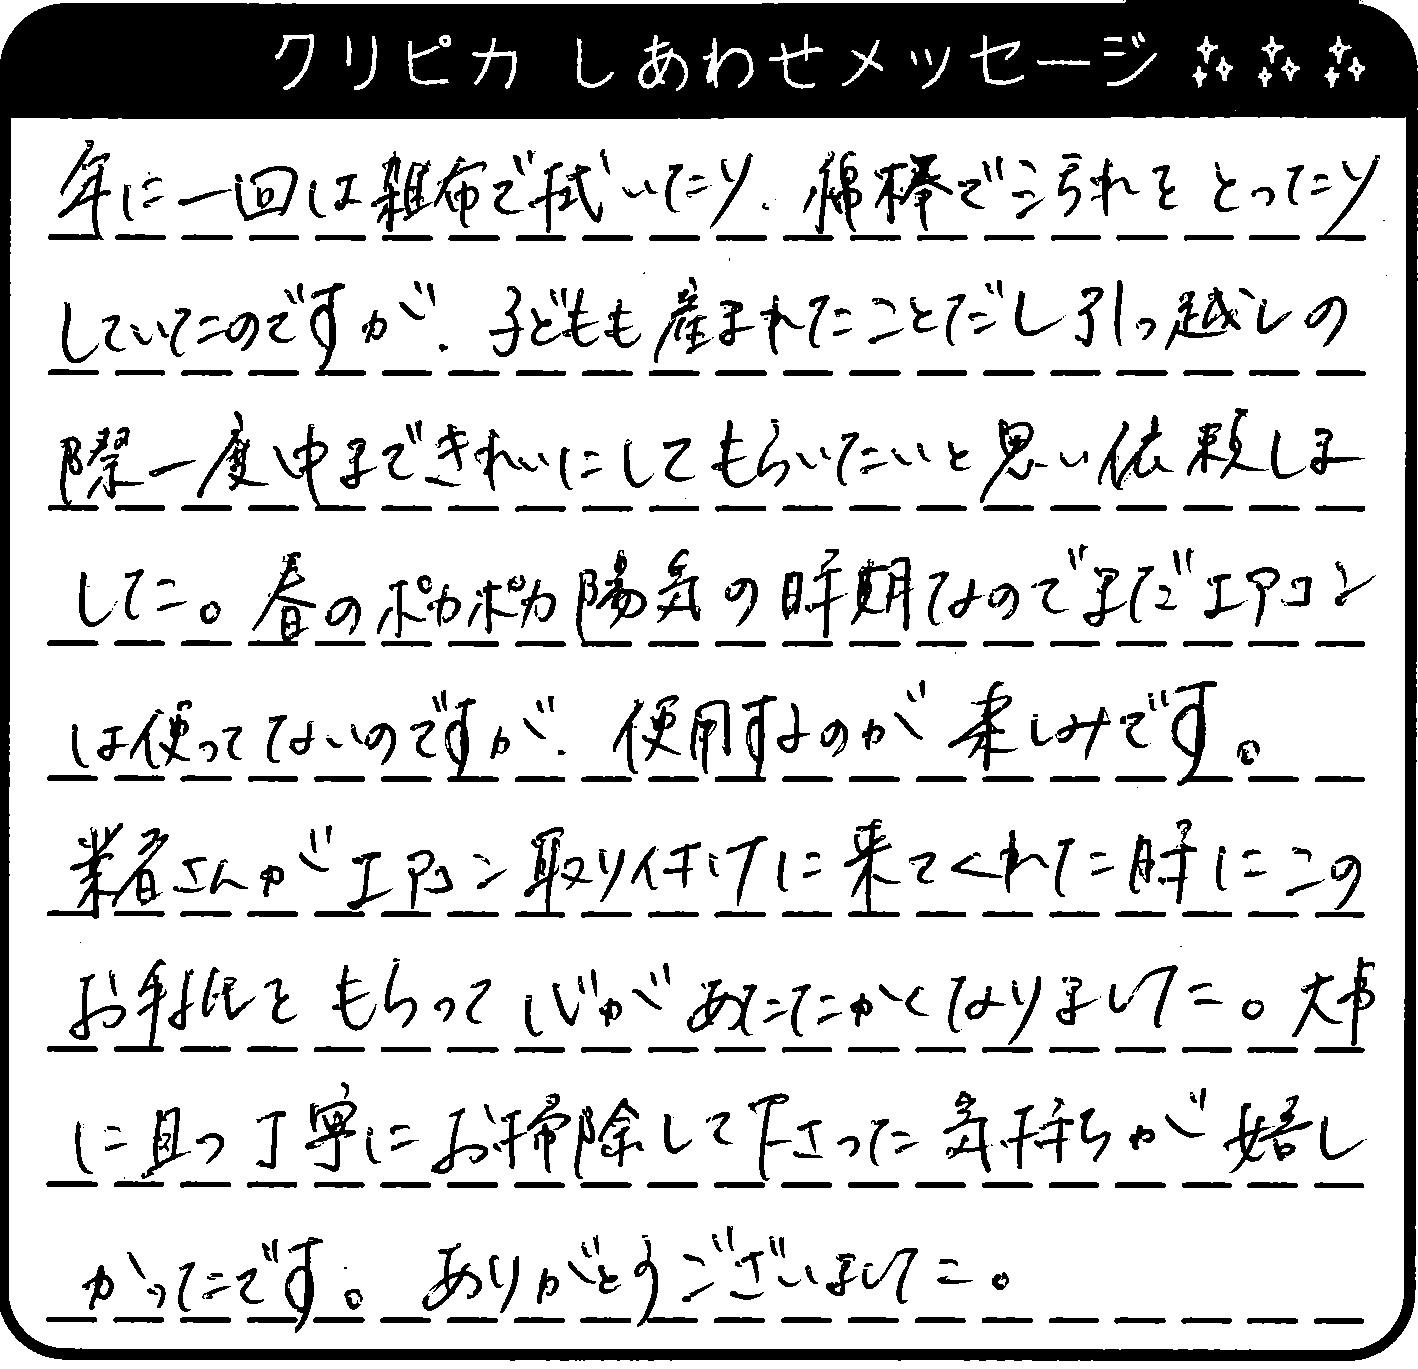 長崎県 S様からのしあわせメッセージ